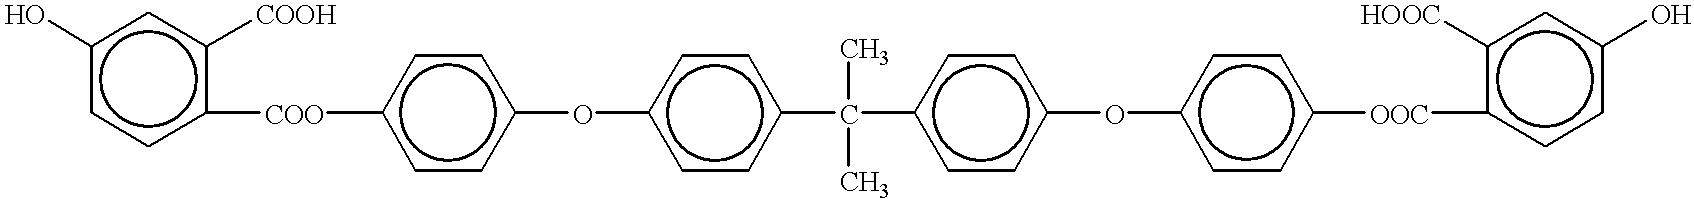 Figure US06180560-20010130-C00368